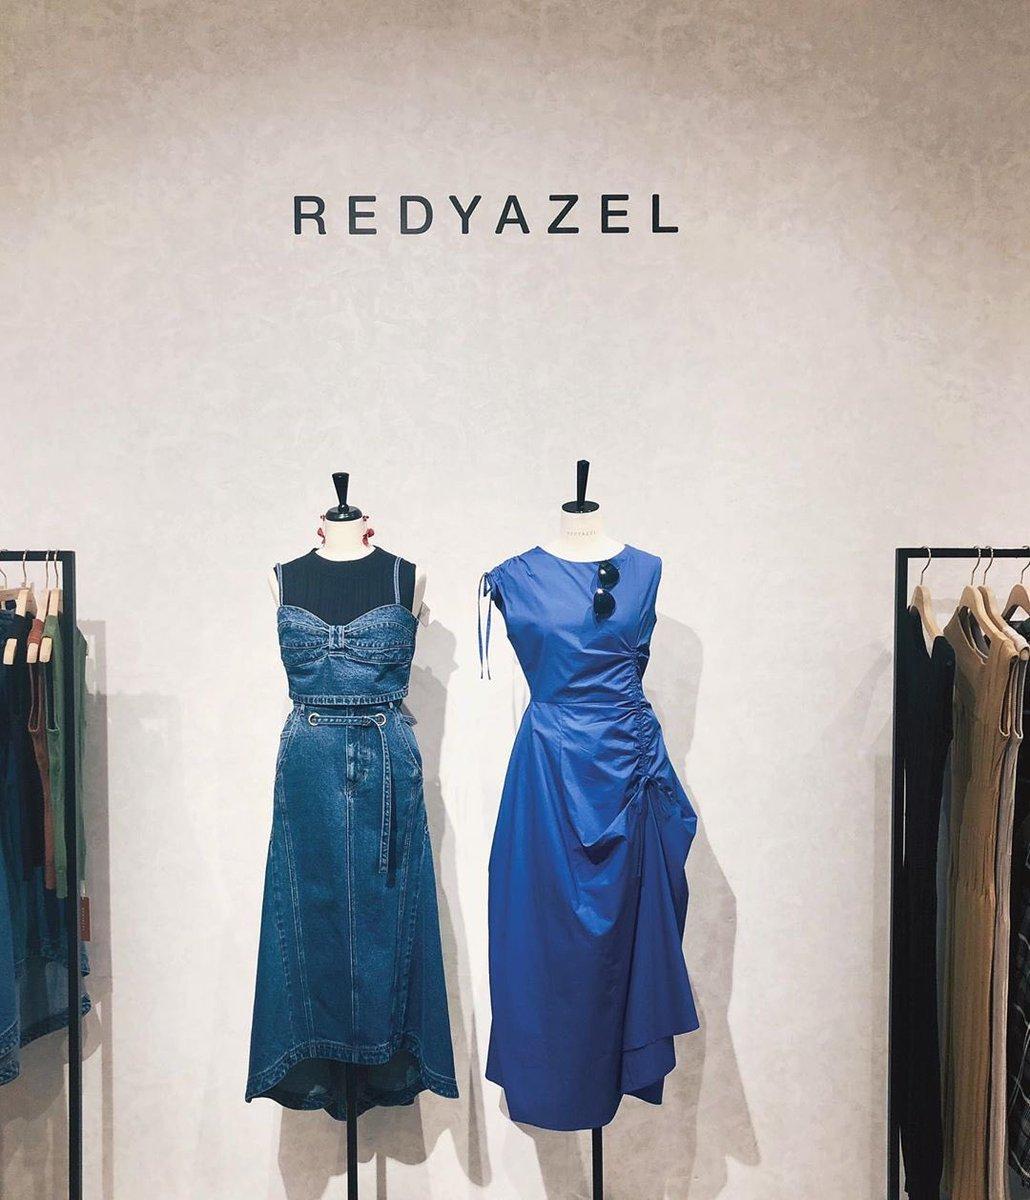 #福岡聖菜   redyazel 展示会へ 夏なんてまだまだ先だ〜と 思ってたのだけど お洋服を見ていたら楽しみになってきたなぁ。。   少し、ガーリーなテイストに挑戦する予定。楽しみにしててくれると嬉しいな☺️  #redyazel #展示会  #summer #夏コーデ #青コーデ